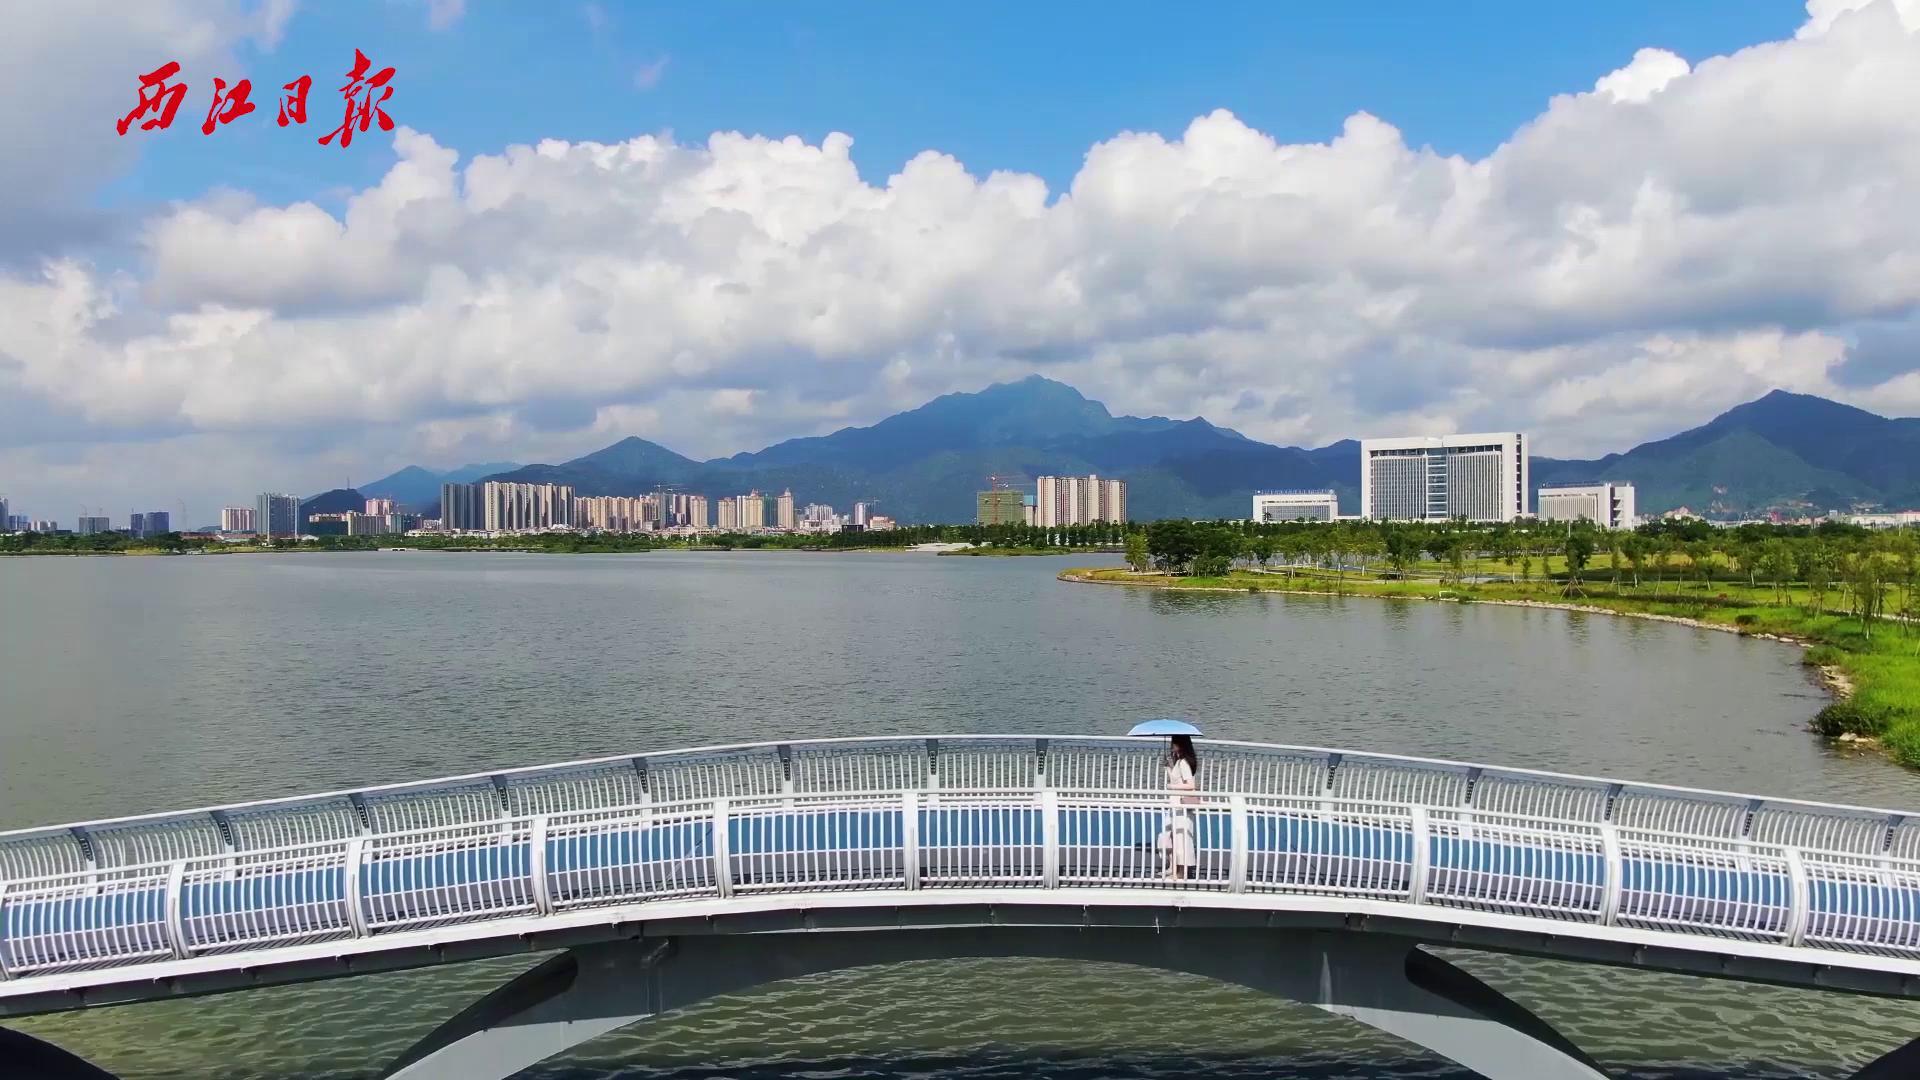 打卡網紅地——肇慶新區硯陽湖